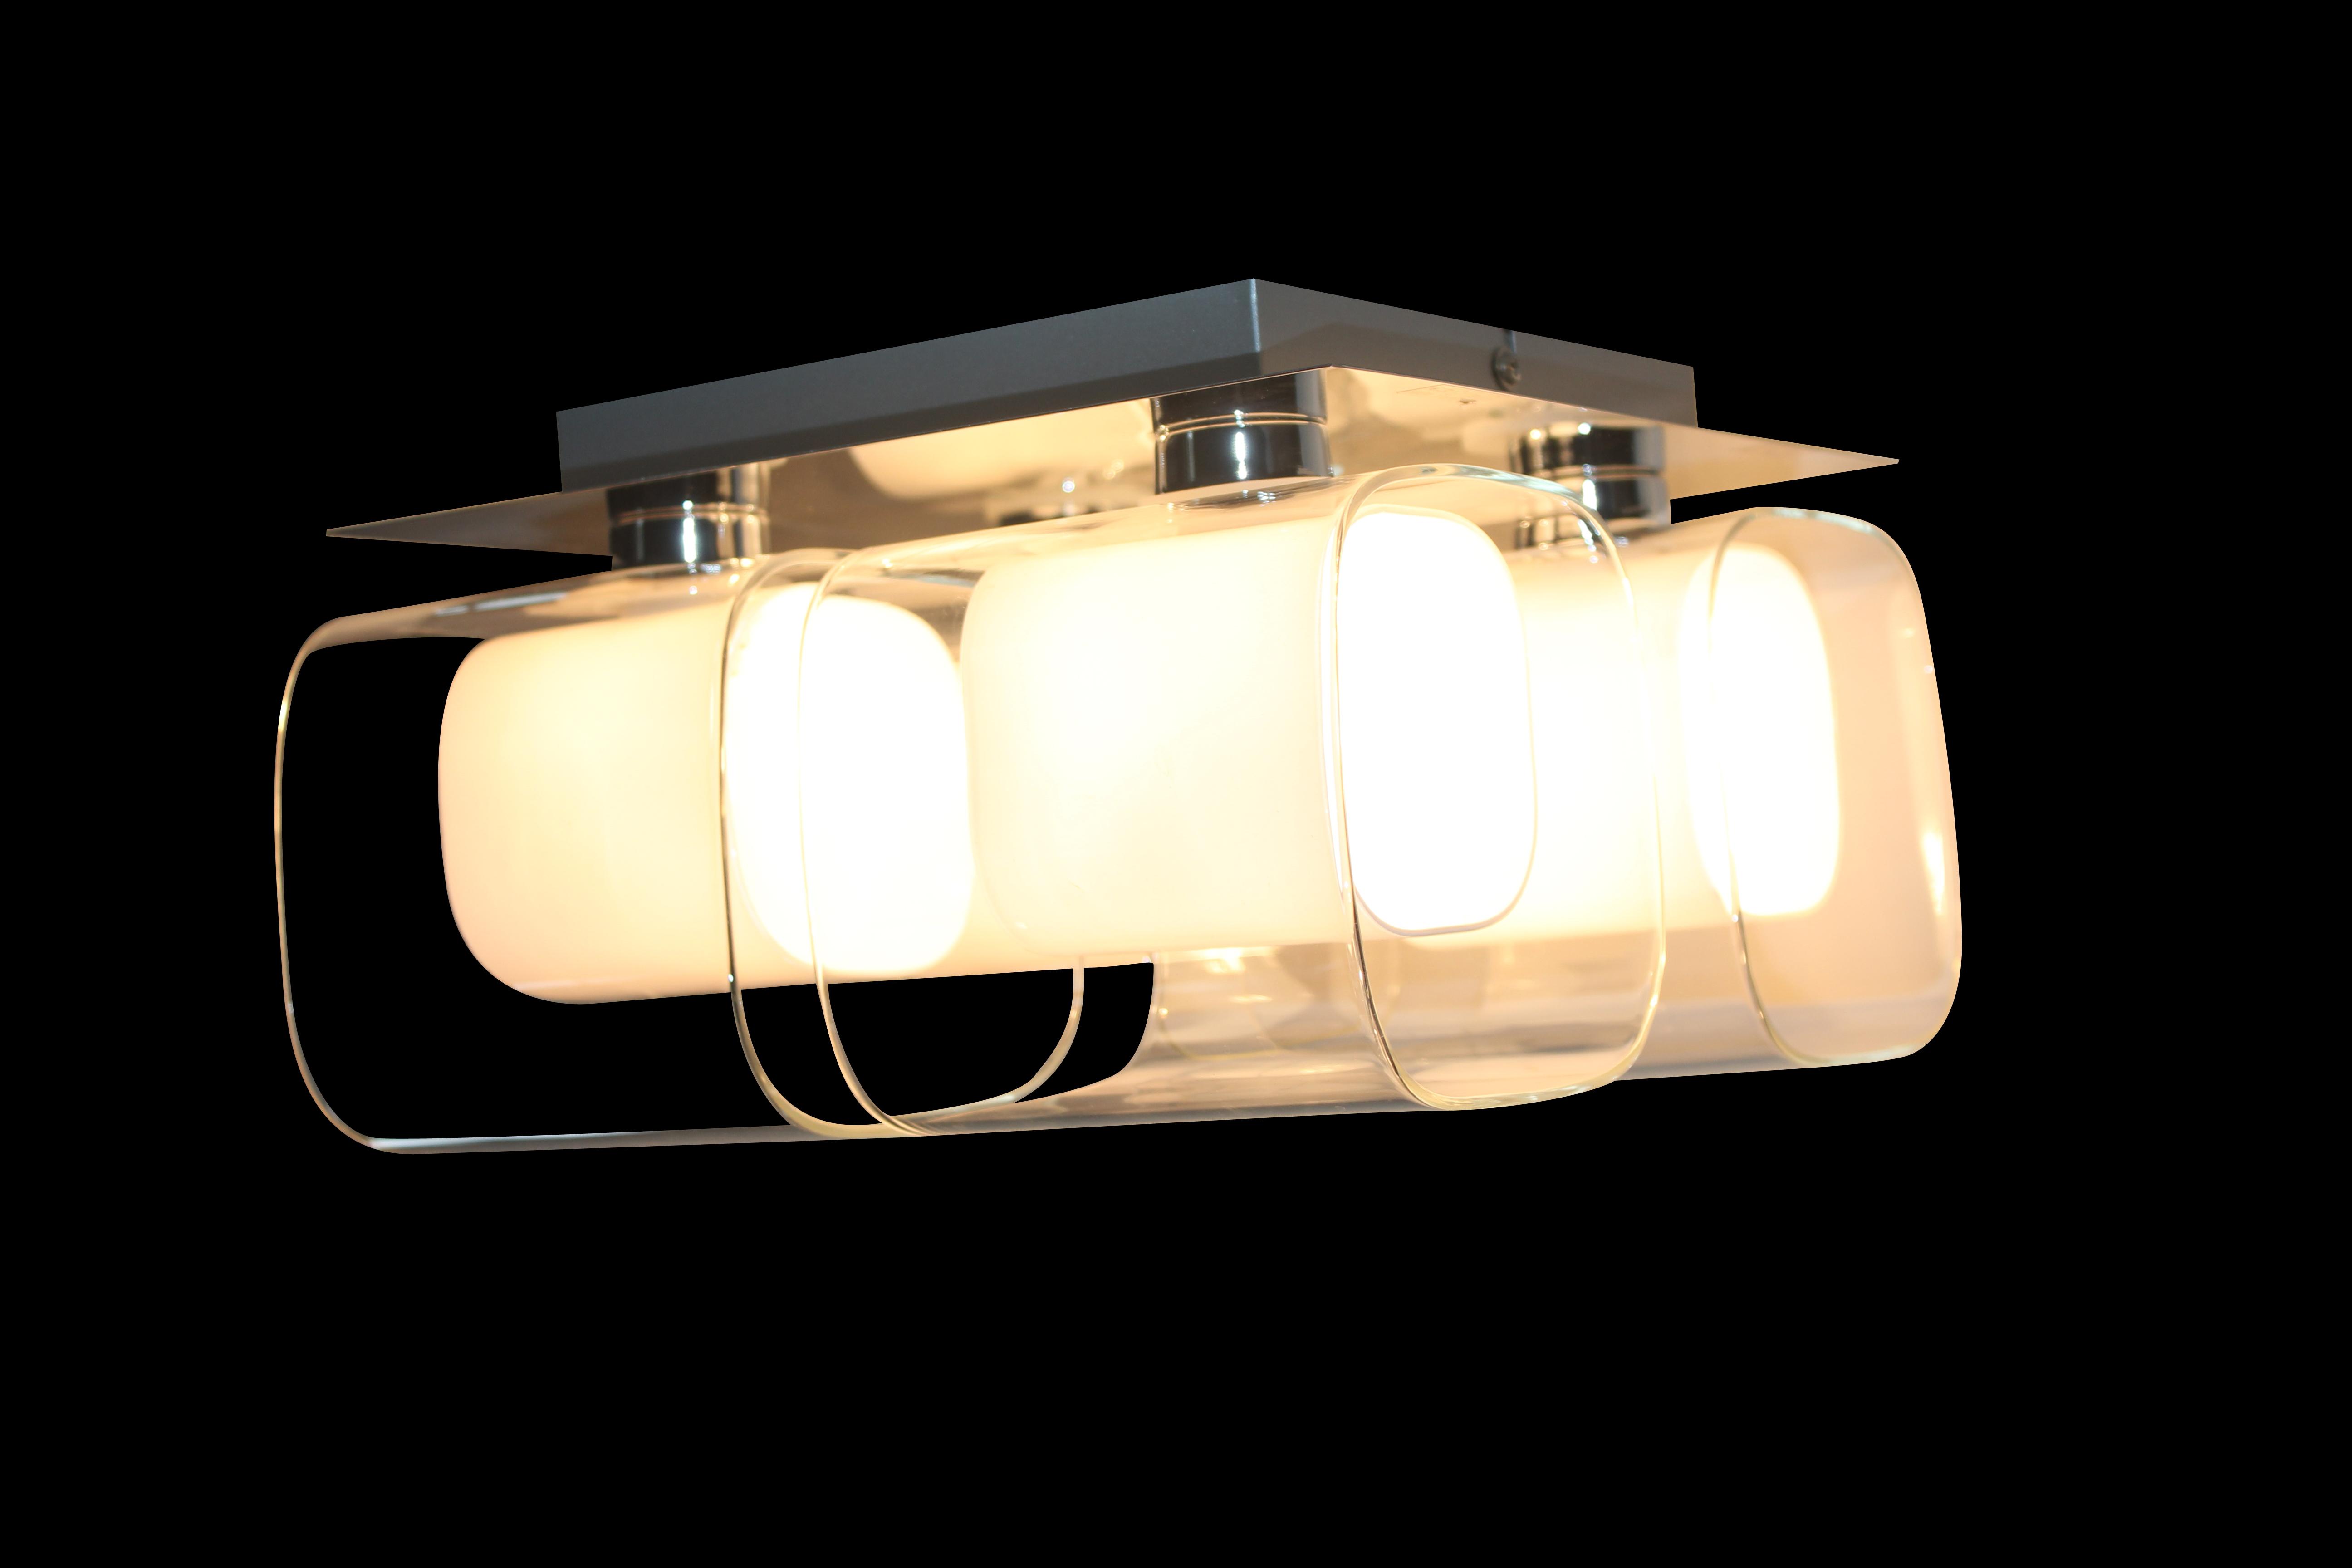 Schlafzimmer lampen – midir